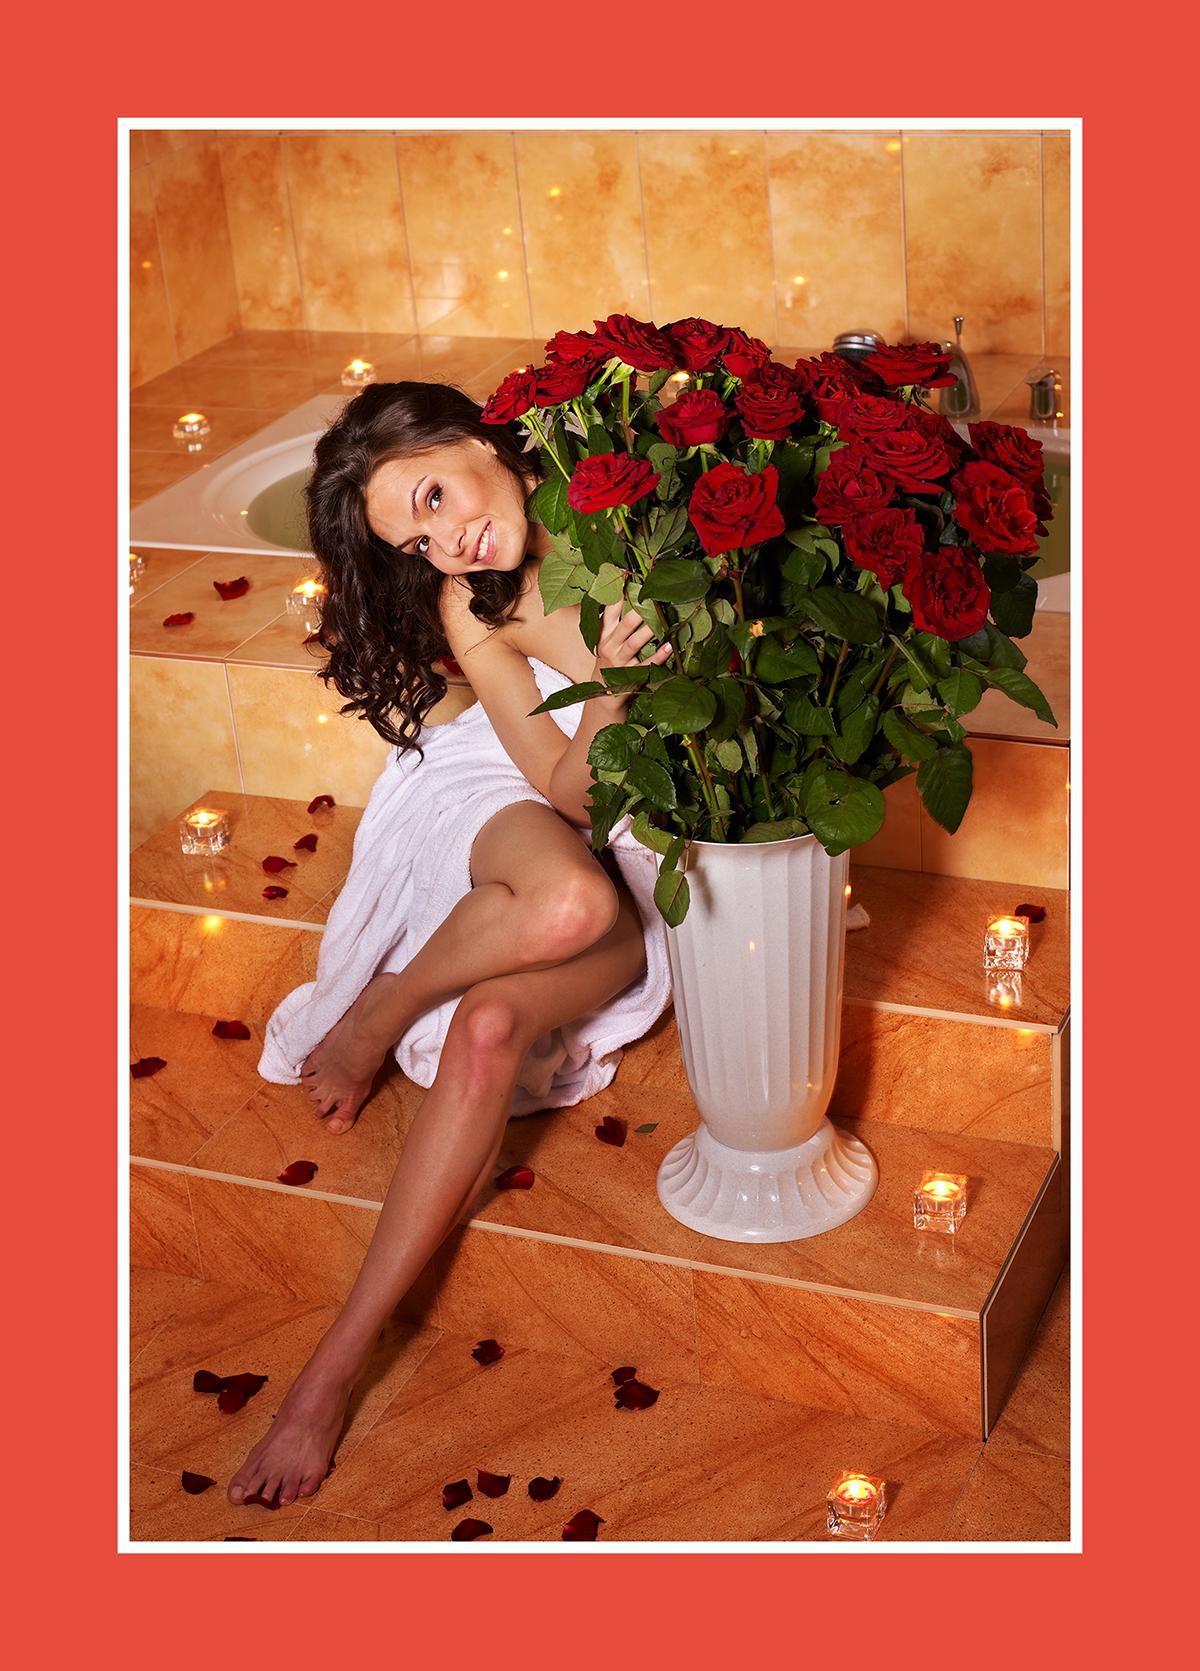 Sauna romantisch: Die Lösung für den 14.2